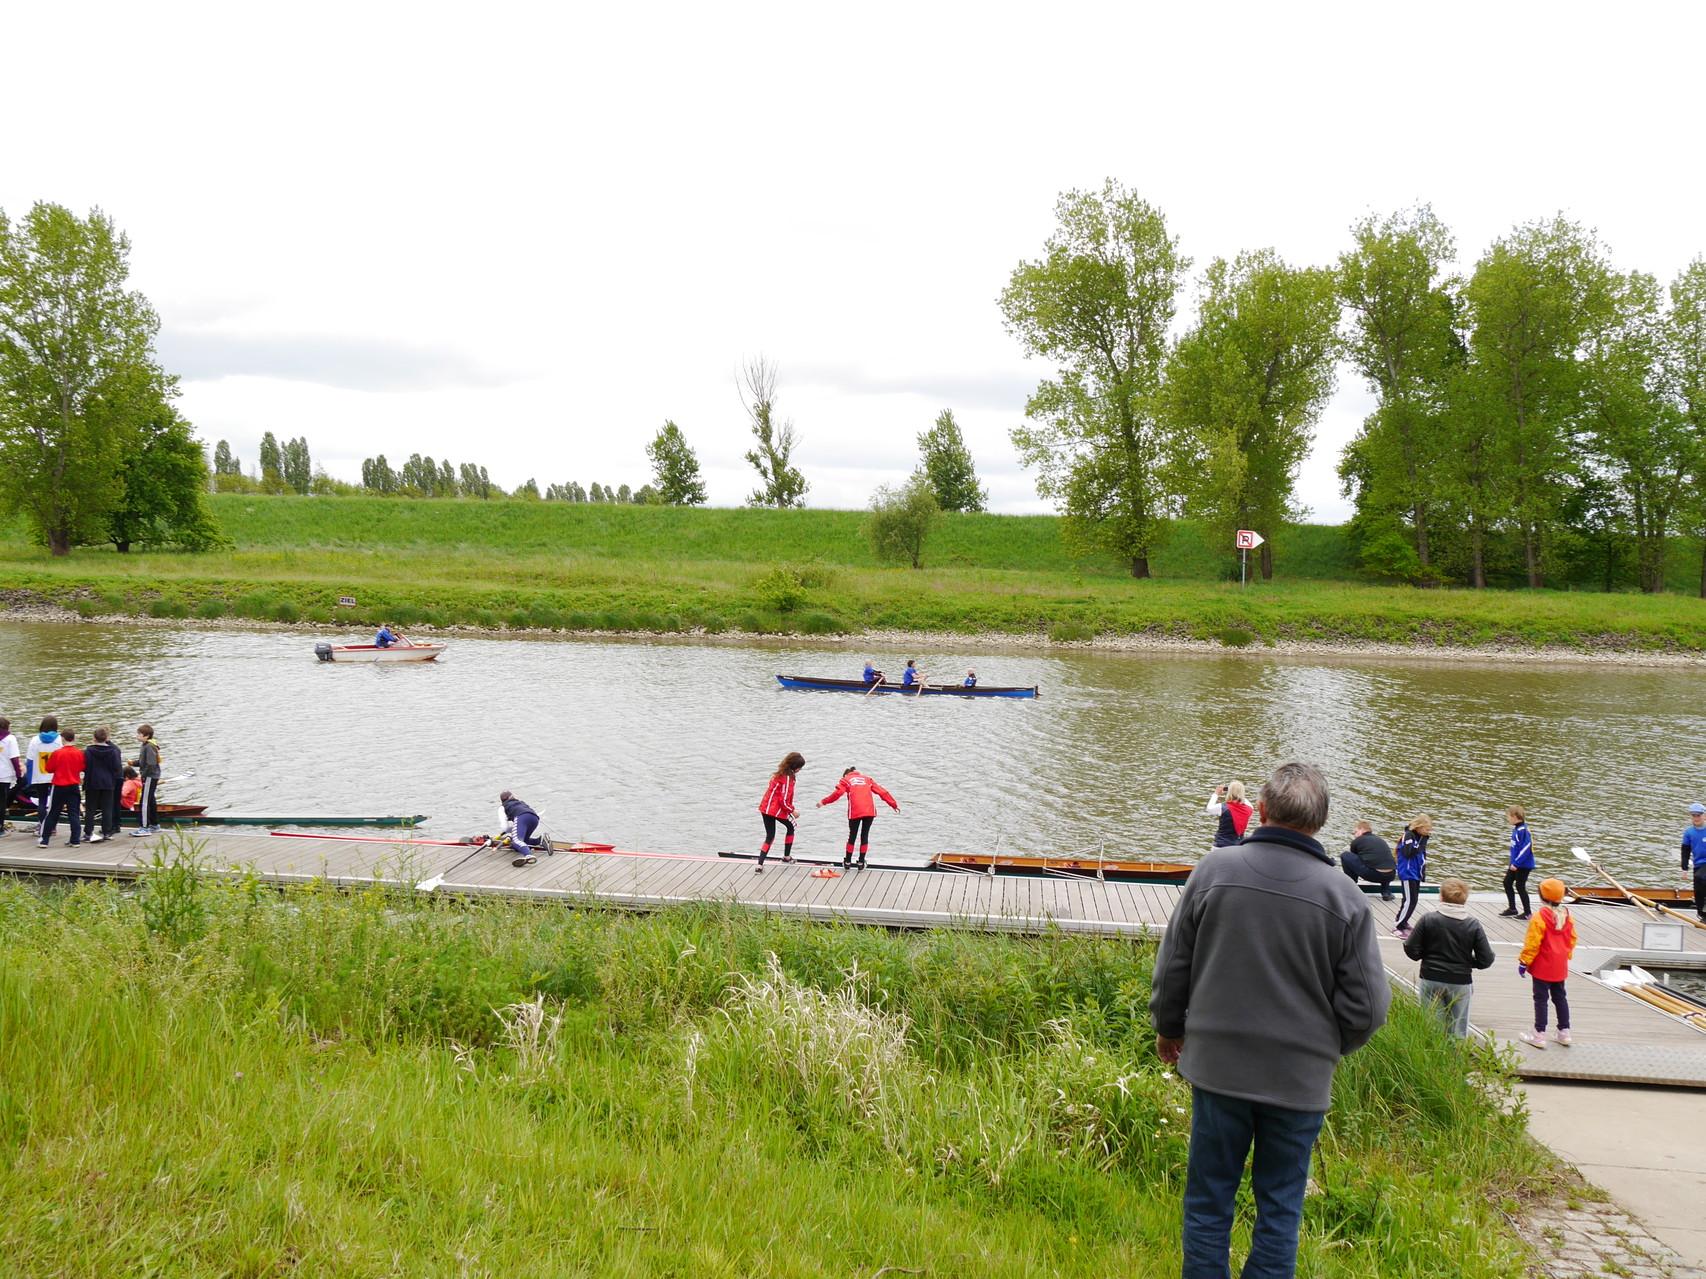 Der Regattabetrieb hat begonnen und die Sportler lassen ihre Boote ins Wasser.